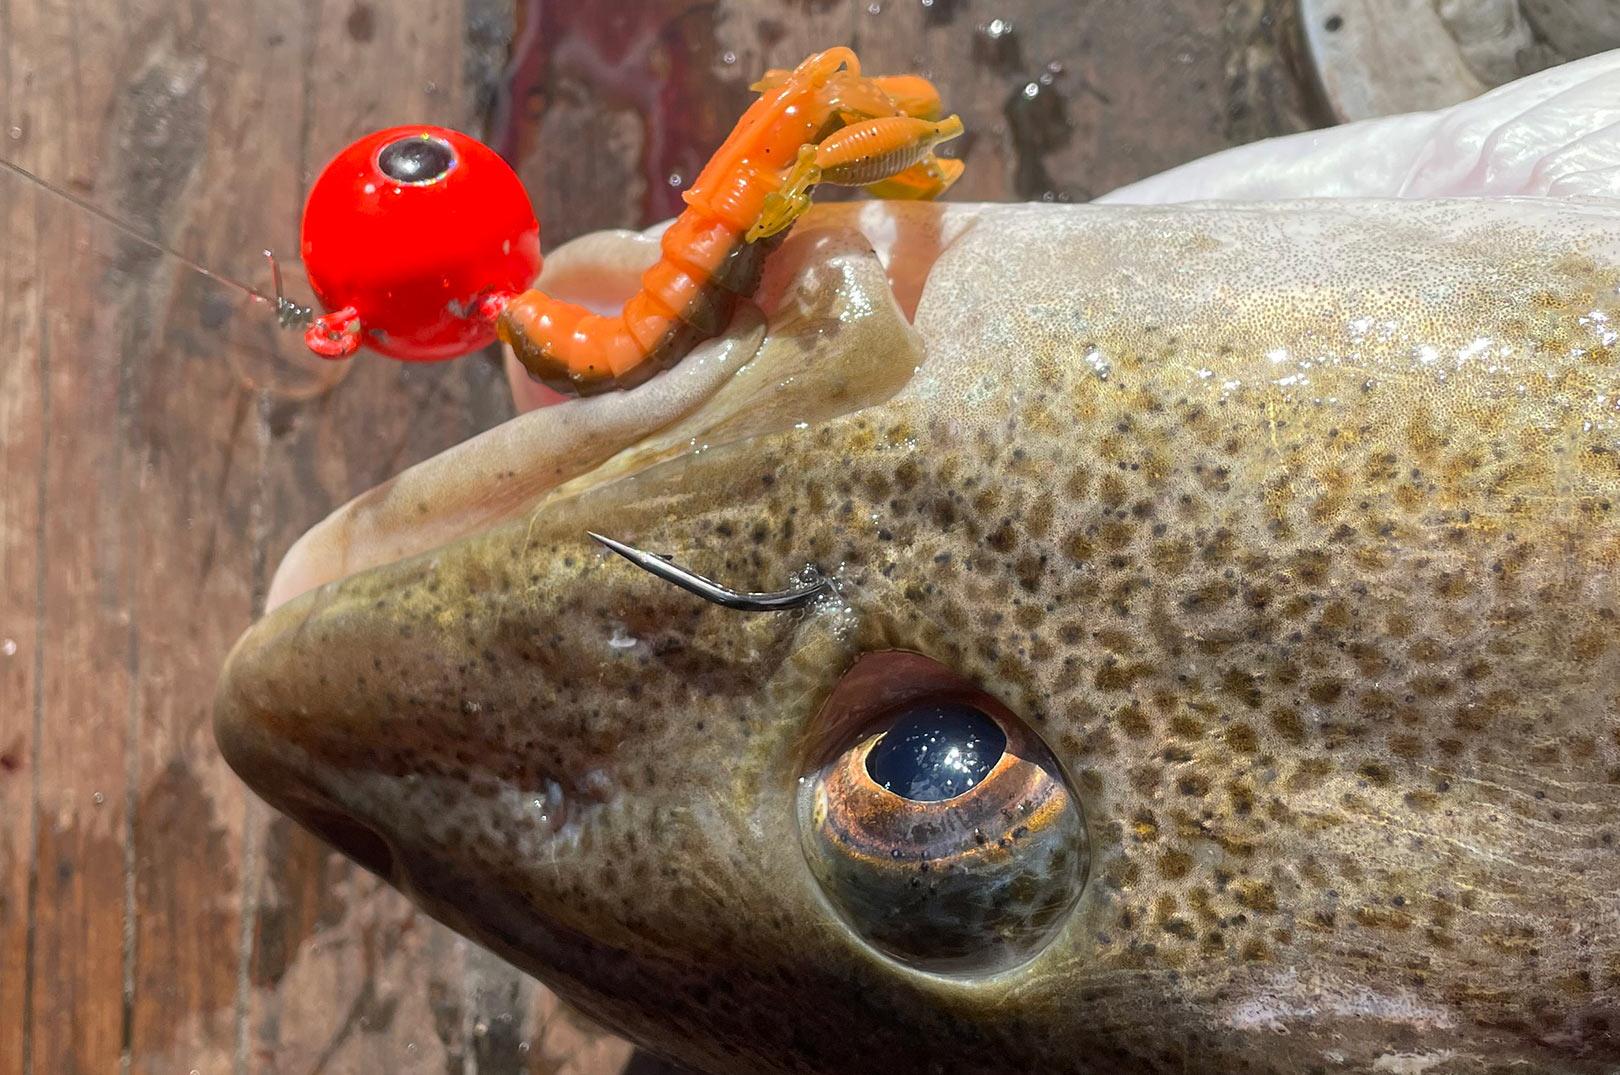 Et rødt jighoved med en CreCraw for enden er ren guf for krabbeædende torsk.